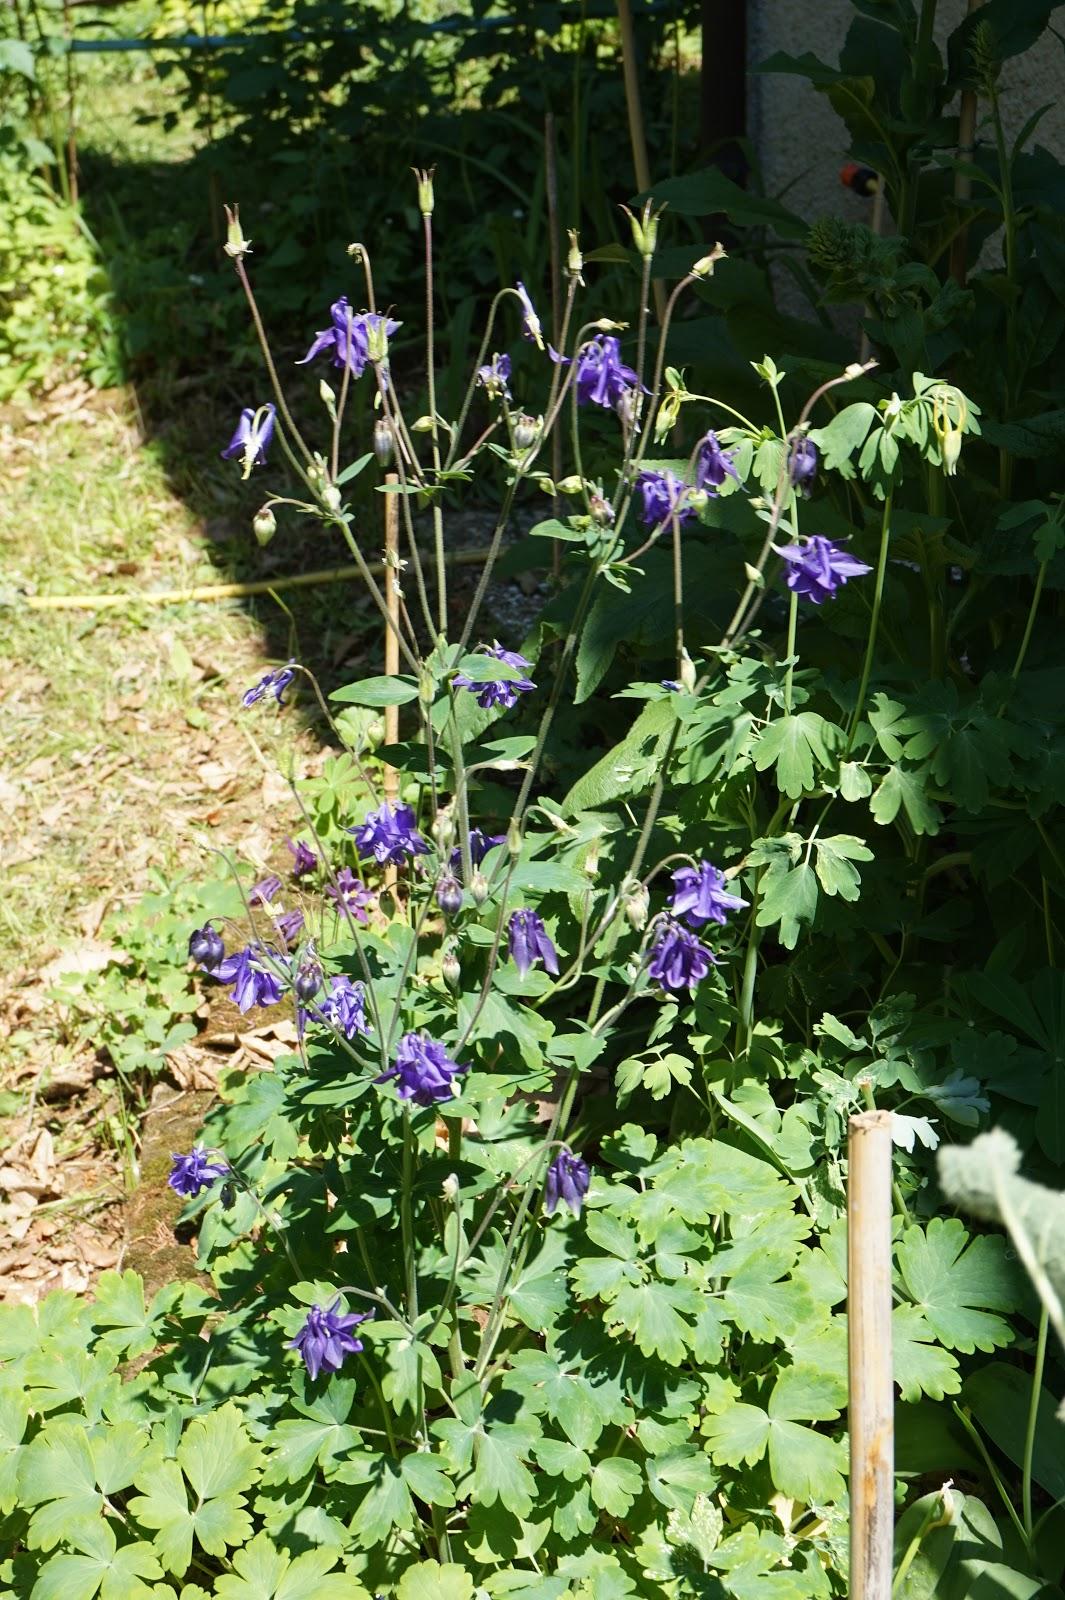 Fiori Da Giardino In Montagna naturalmente giardino: i miei fiori in montagna #1